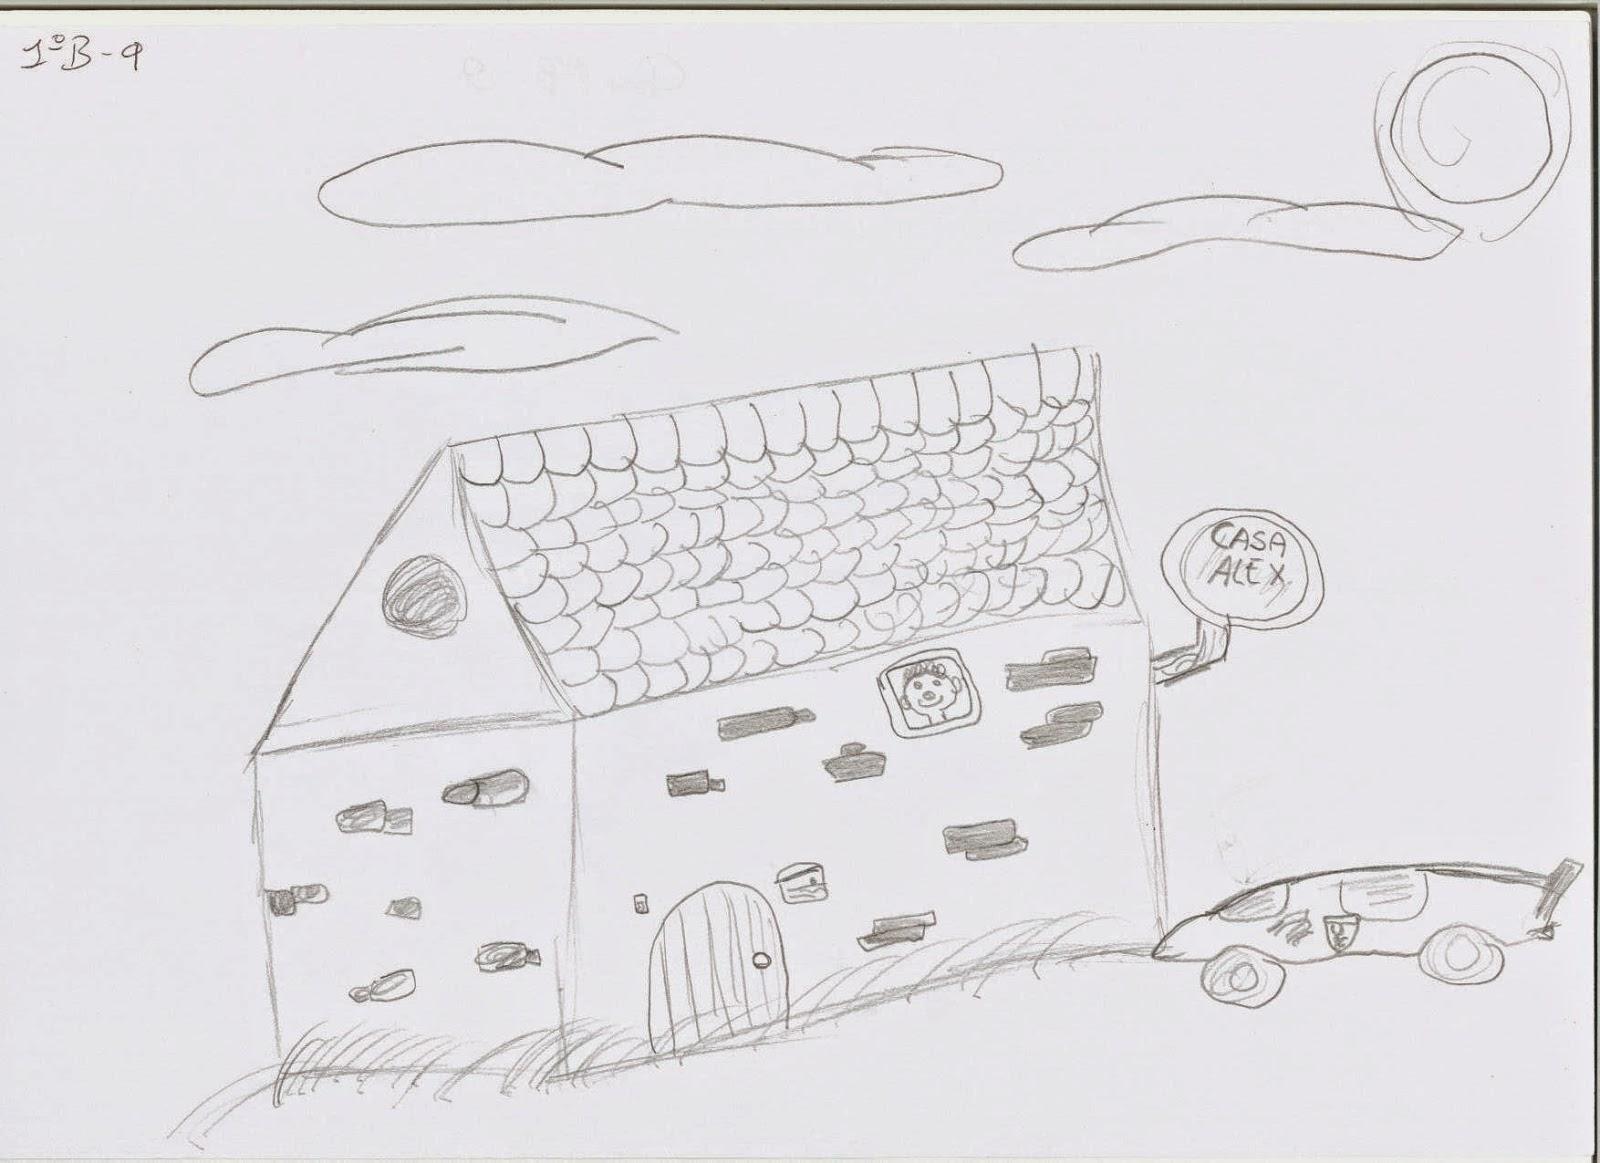 Test de dibujos 3  mutatis mutandis